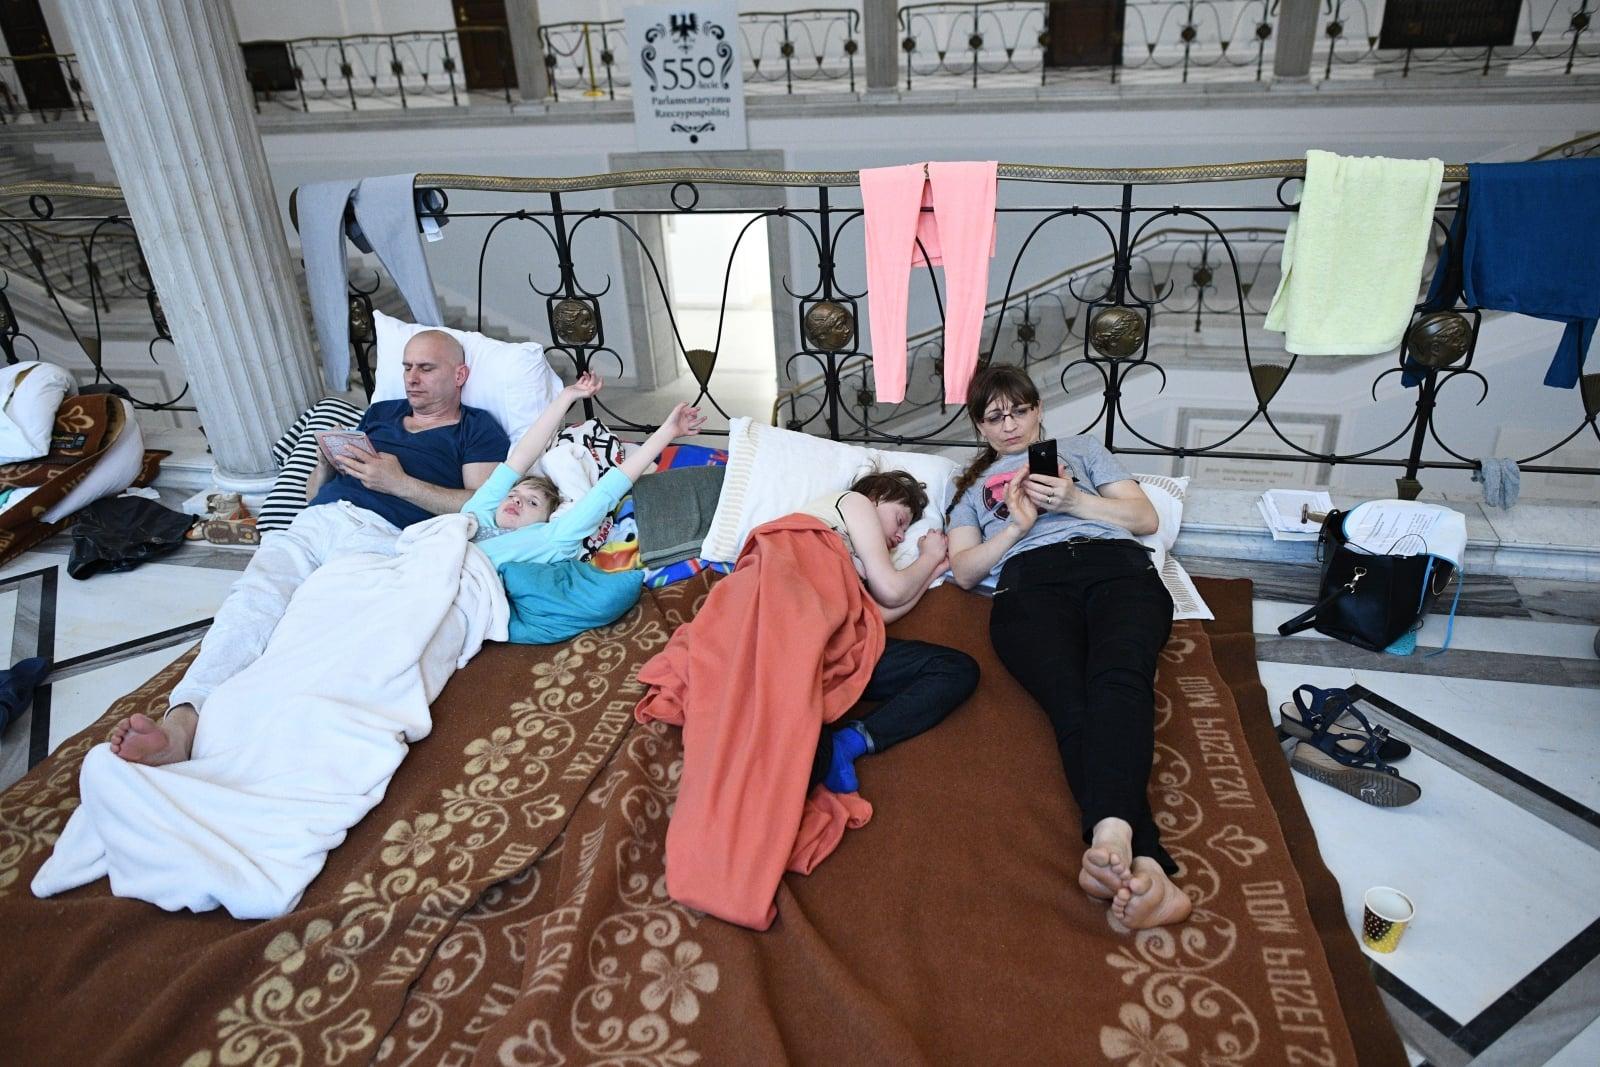 Protest rodziców osób niepełnosprawnych, 25 bm. w Sejmie. Rodzice od 18 kwietnia br. protestują w Sejmie domagając się wprowadzenia m.in. dodatku rehabilitacyjnego dla osób niezdolnych do samodzielnej egzystencji po ukończeniu 18. roku życia.